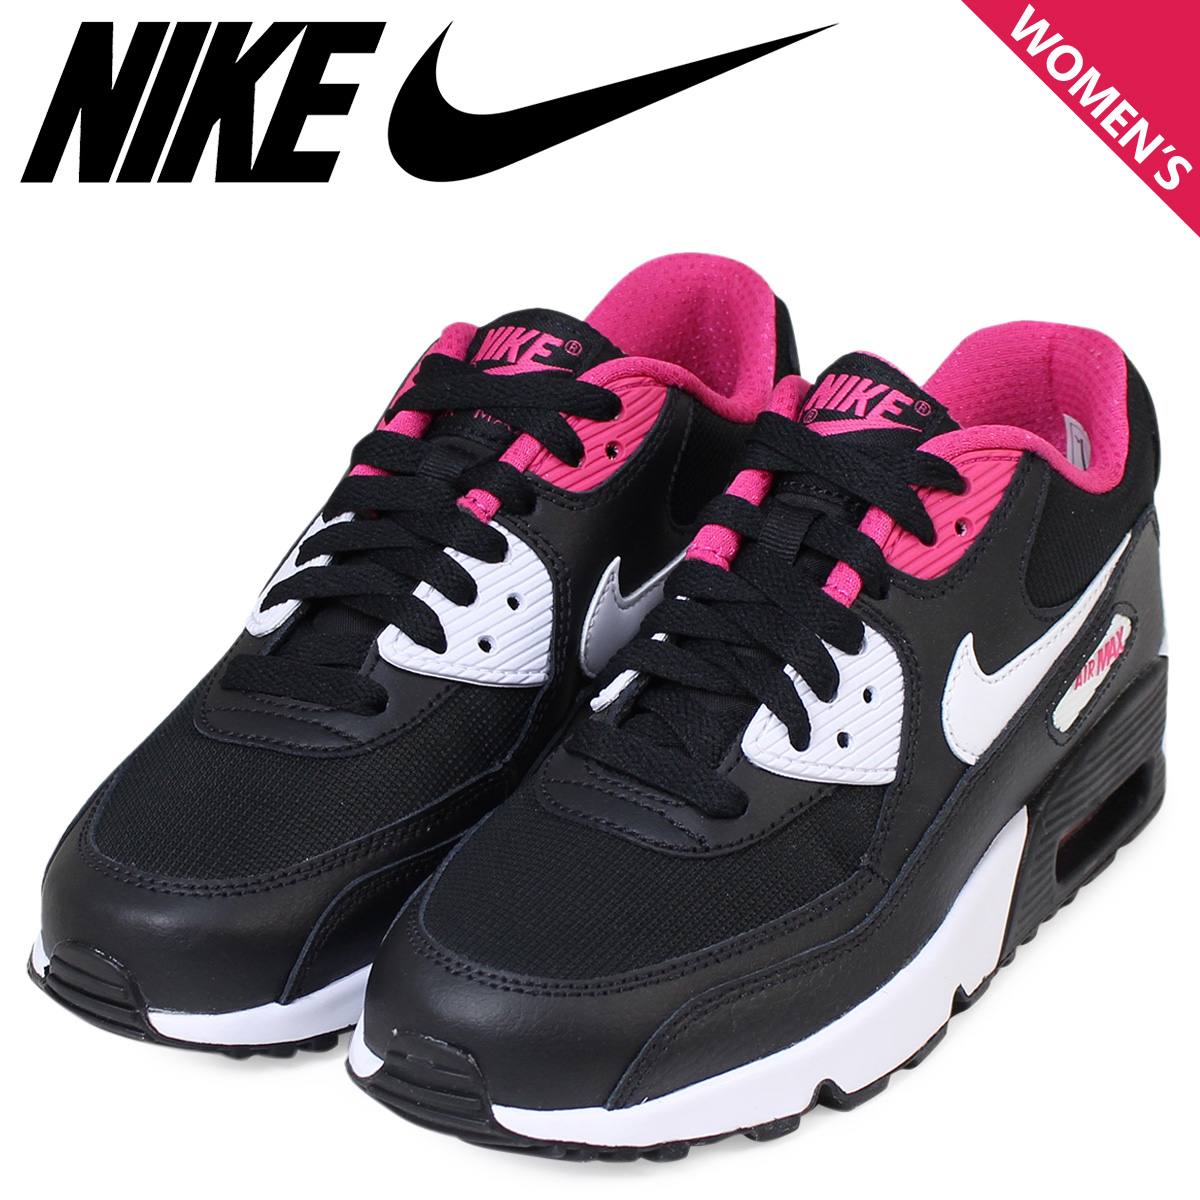 22738e219eb Womens Sugar Online ShopNike Mesh Air Max Sneakers 90 n80yvmNwO